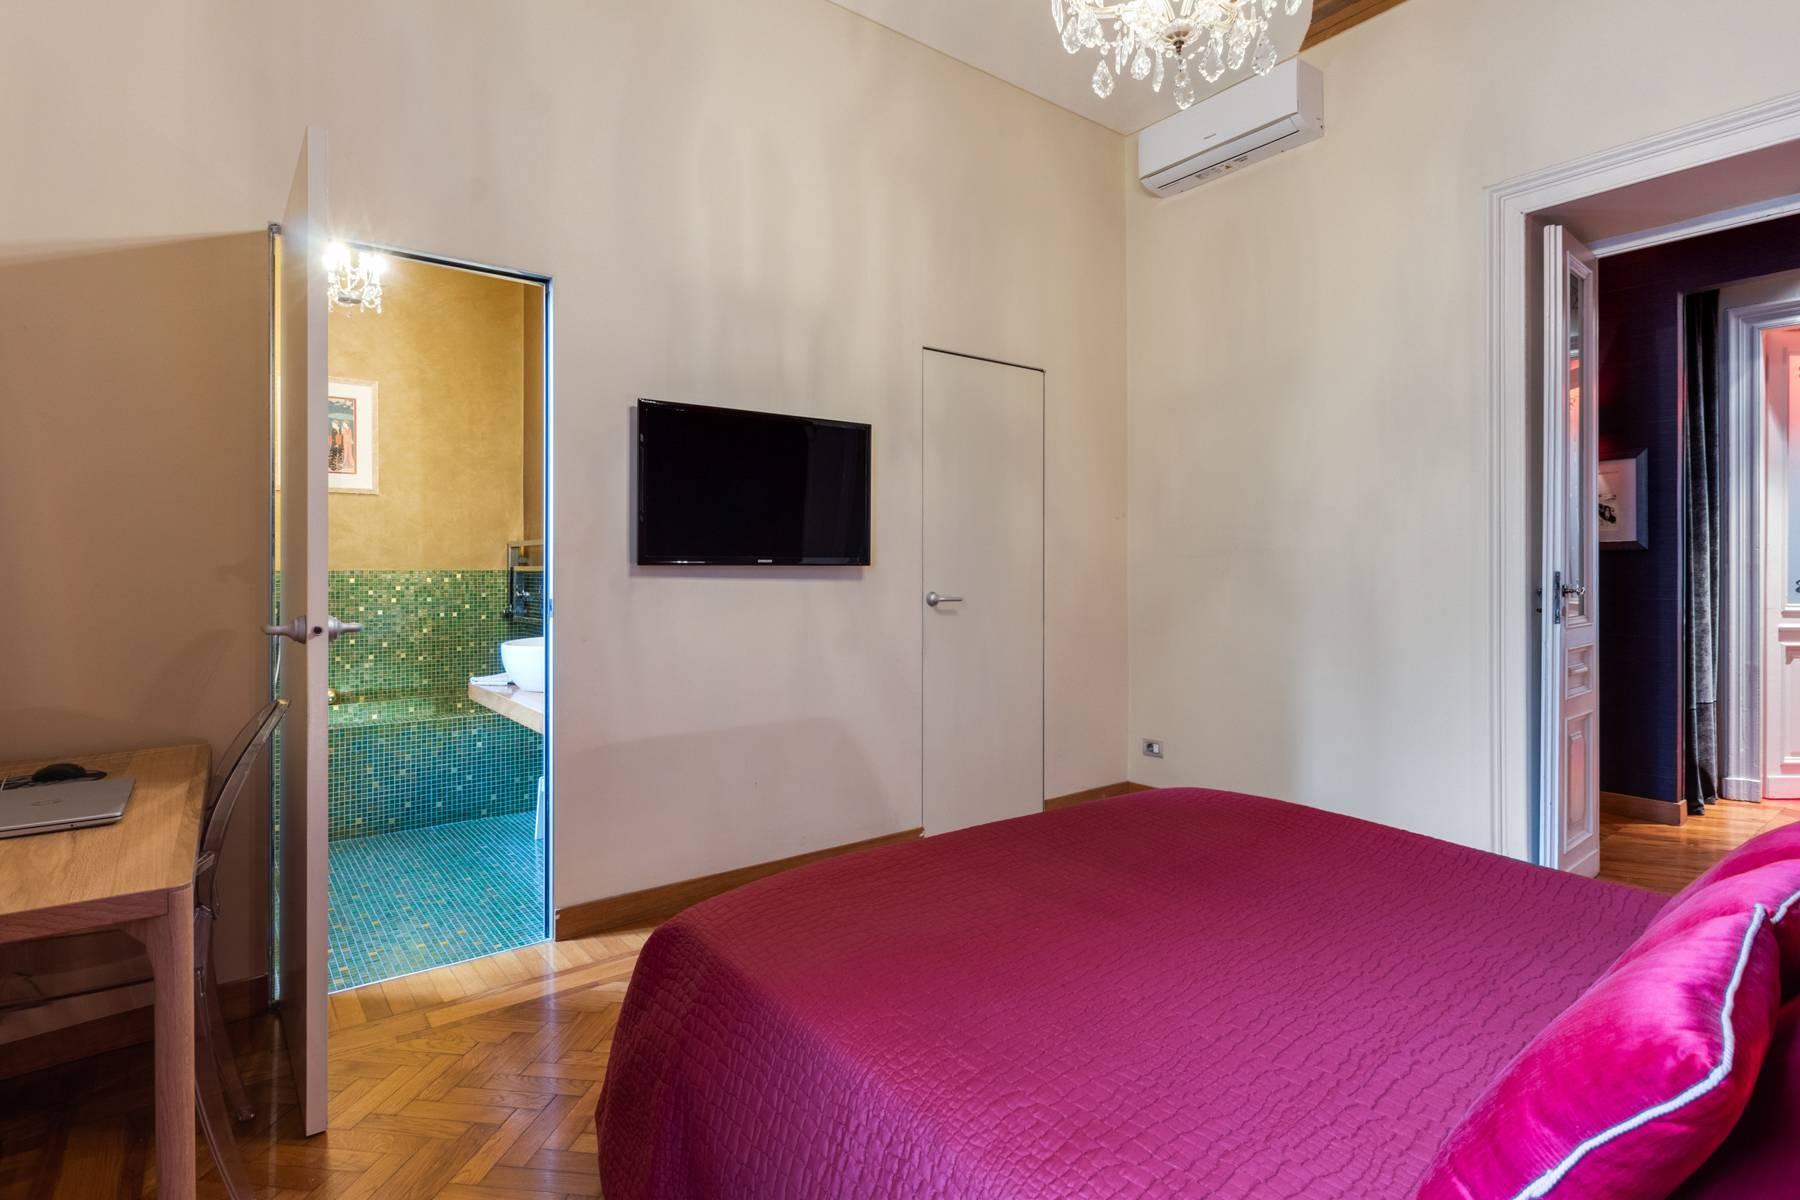 Affascinante appartamento nel cuore del quartiere Cit Turin - 13